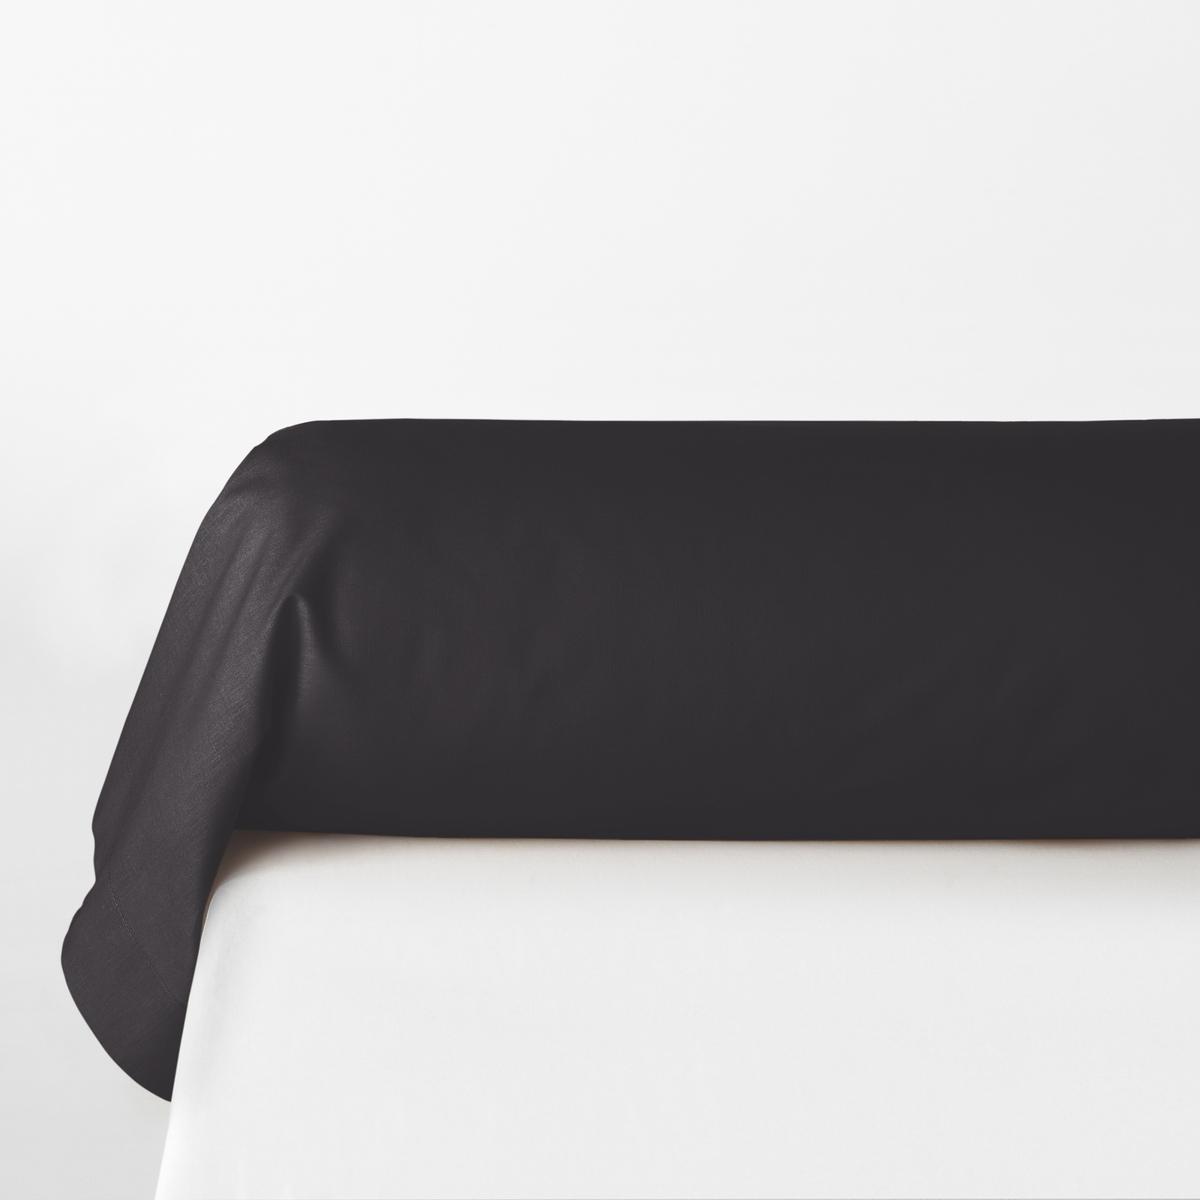 Фото - Наволочка LaRedoute На подушку-валик однотонная из поликотона Scenario 85 x 185 см черный наволочка laredoute однотонная из поликотона scenario 50 x 70 см черный